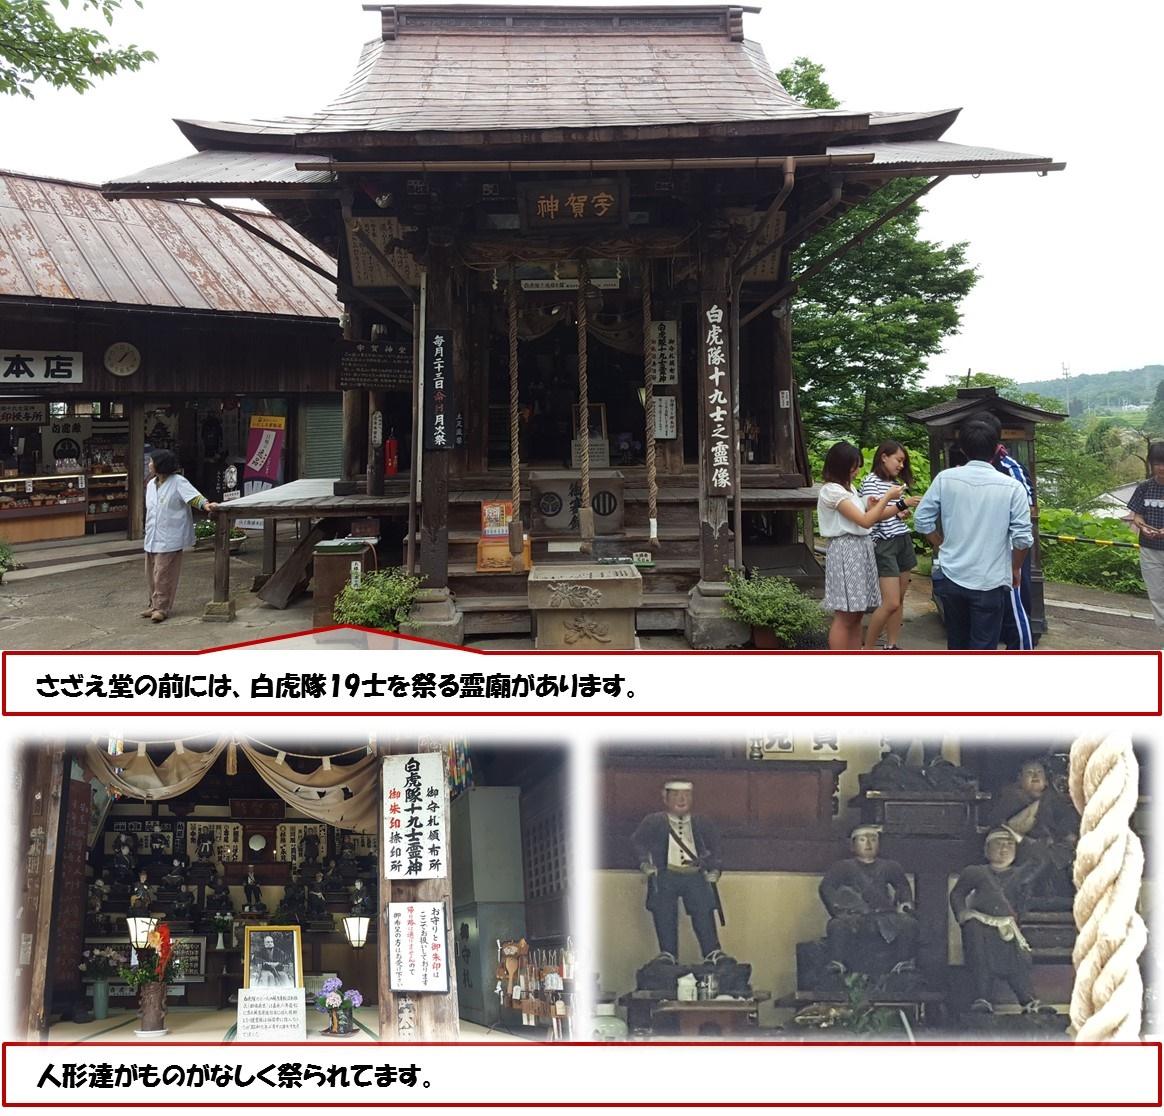 さざえ堂の前には、白虎隊19士を祭る霊廟があります。 人形達がものがなしく祭られてます。